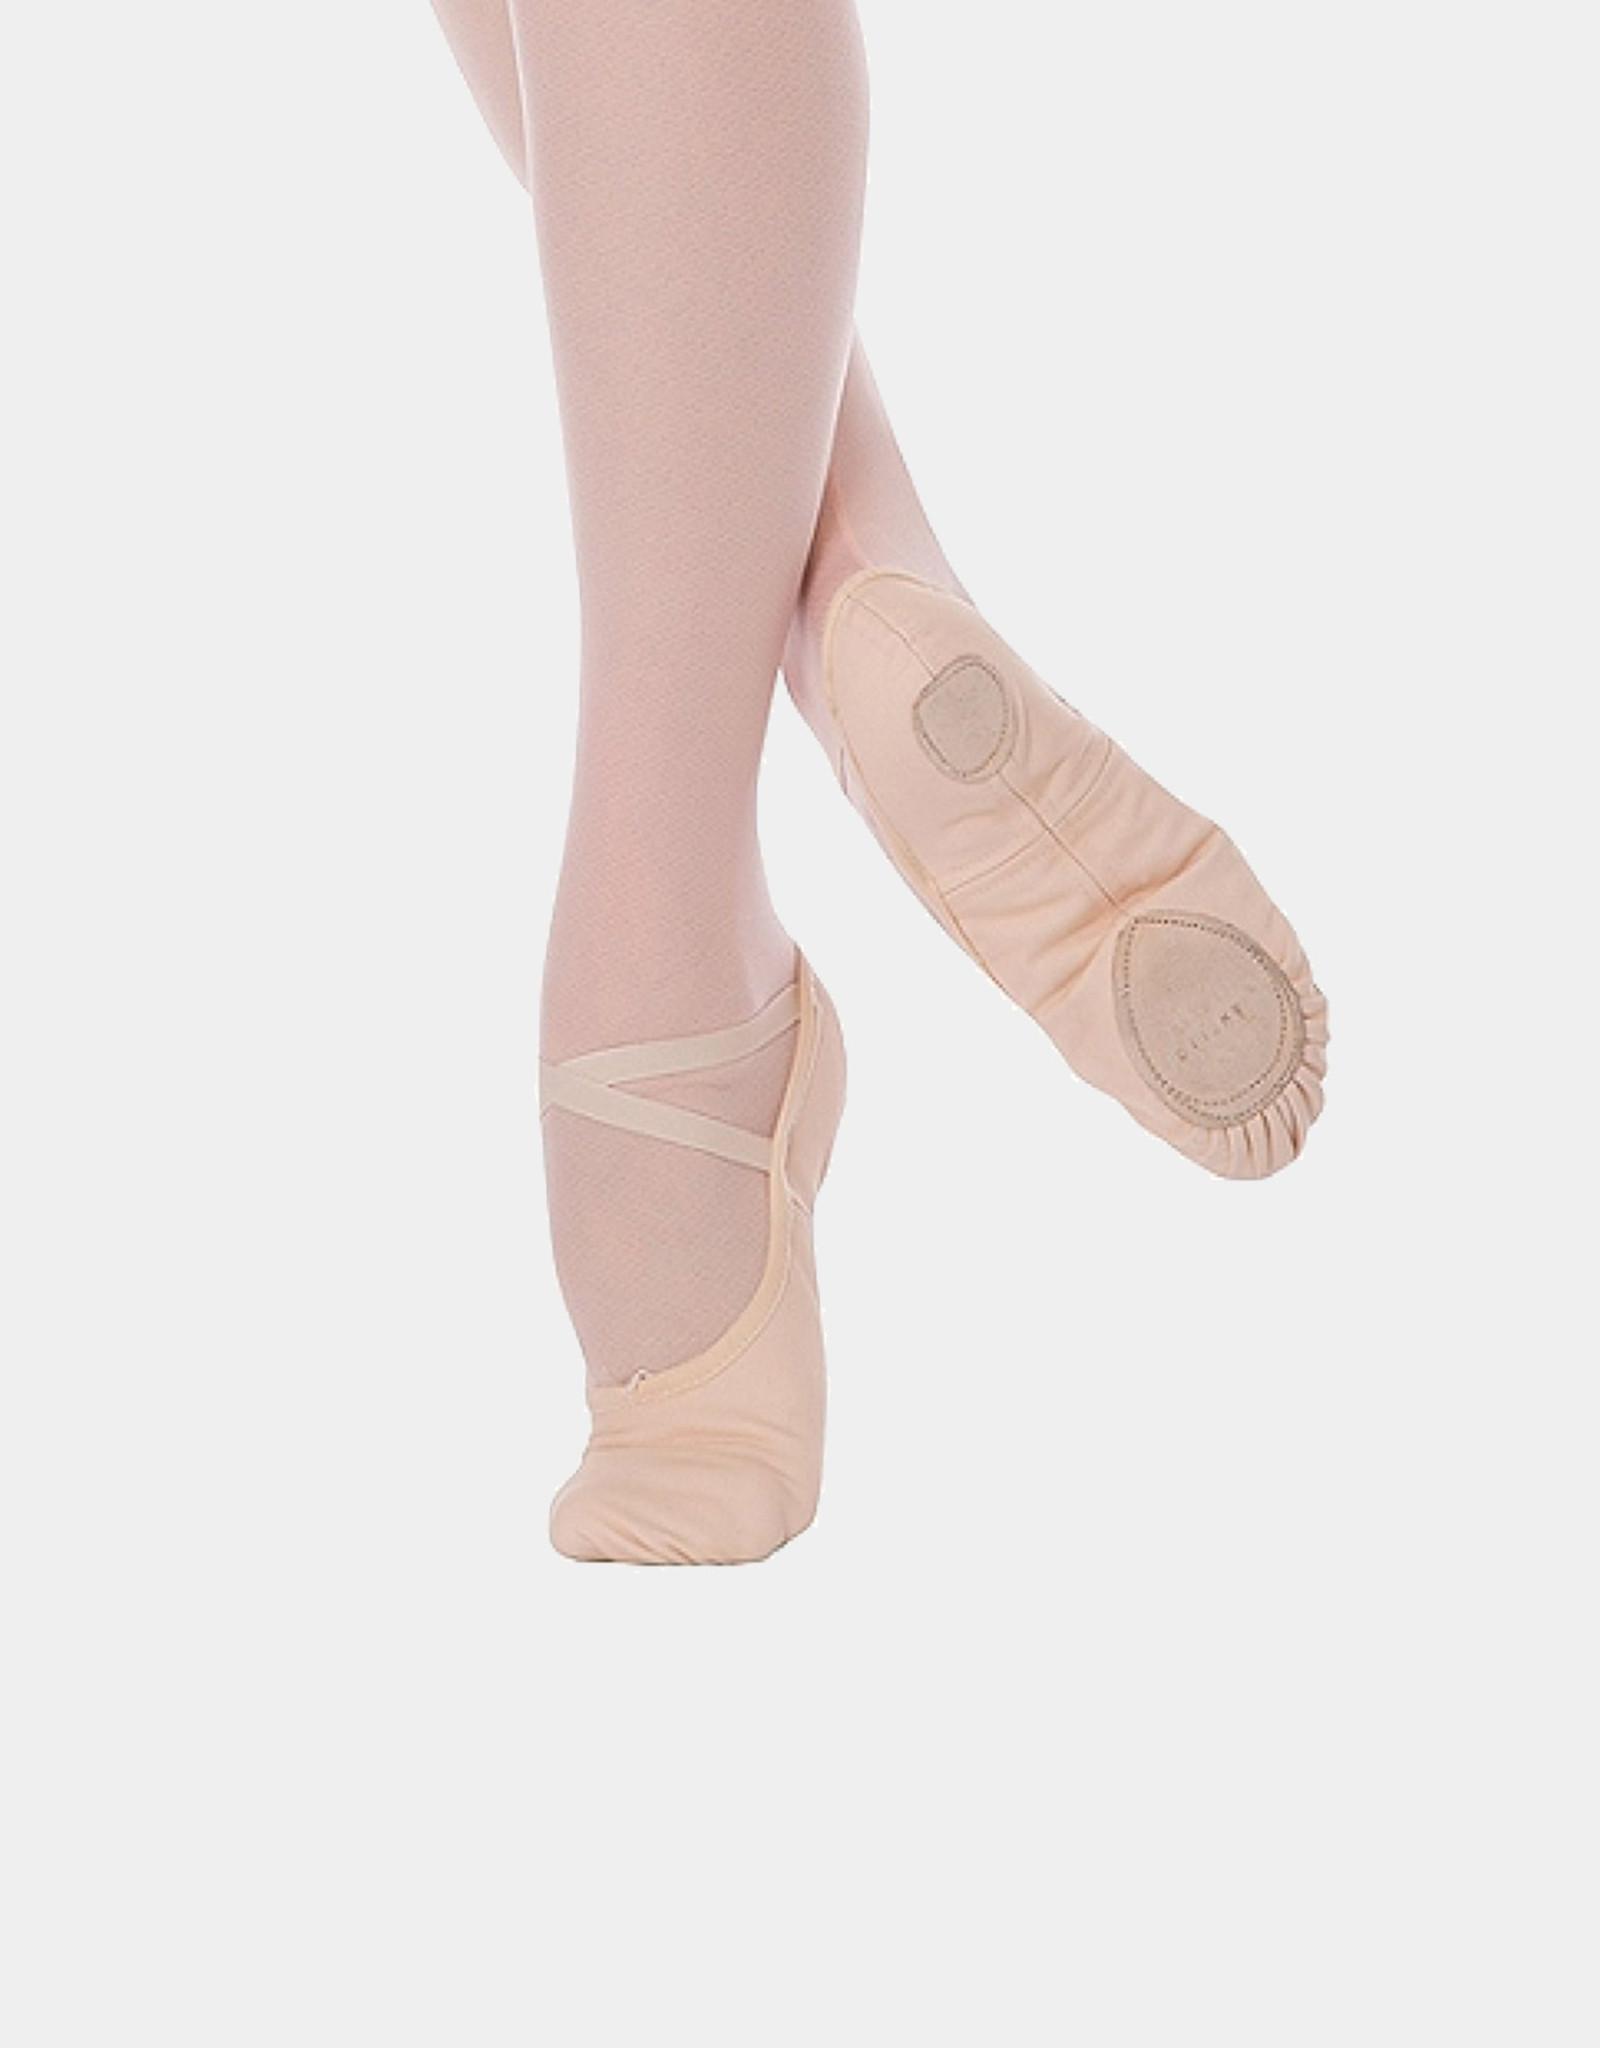 ANGELO LUZIO WENDY STRETCH CANVAS SPLIT SOLE CHILD BALLET SLIPPERS (246C)